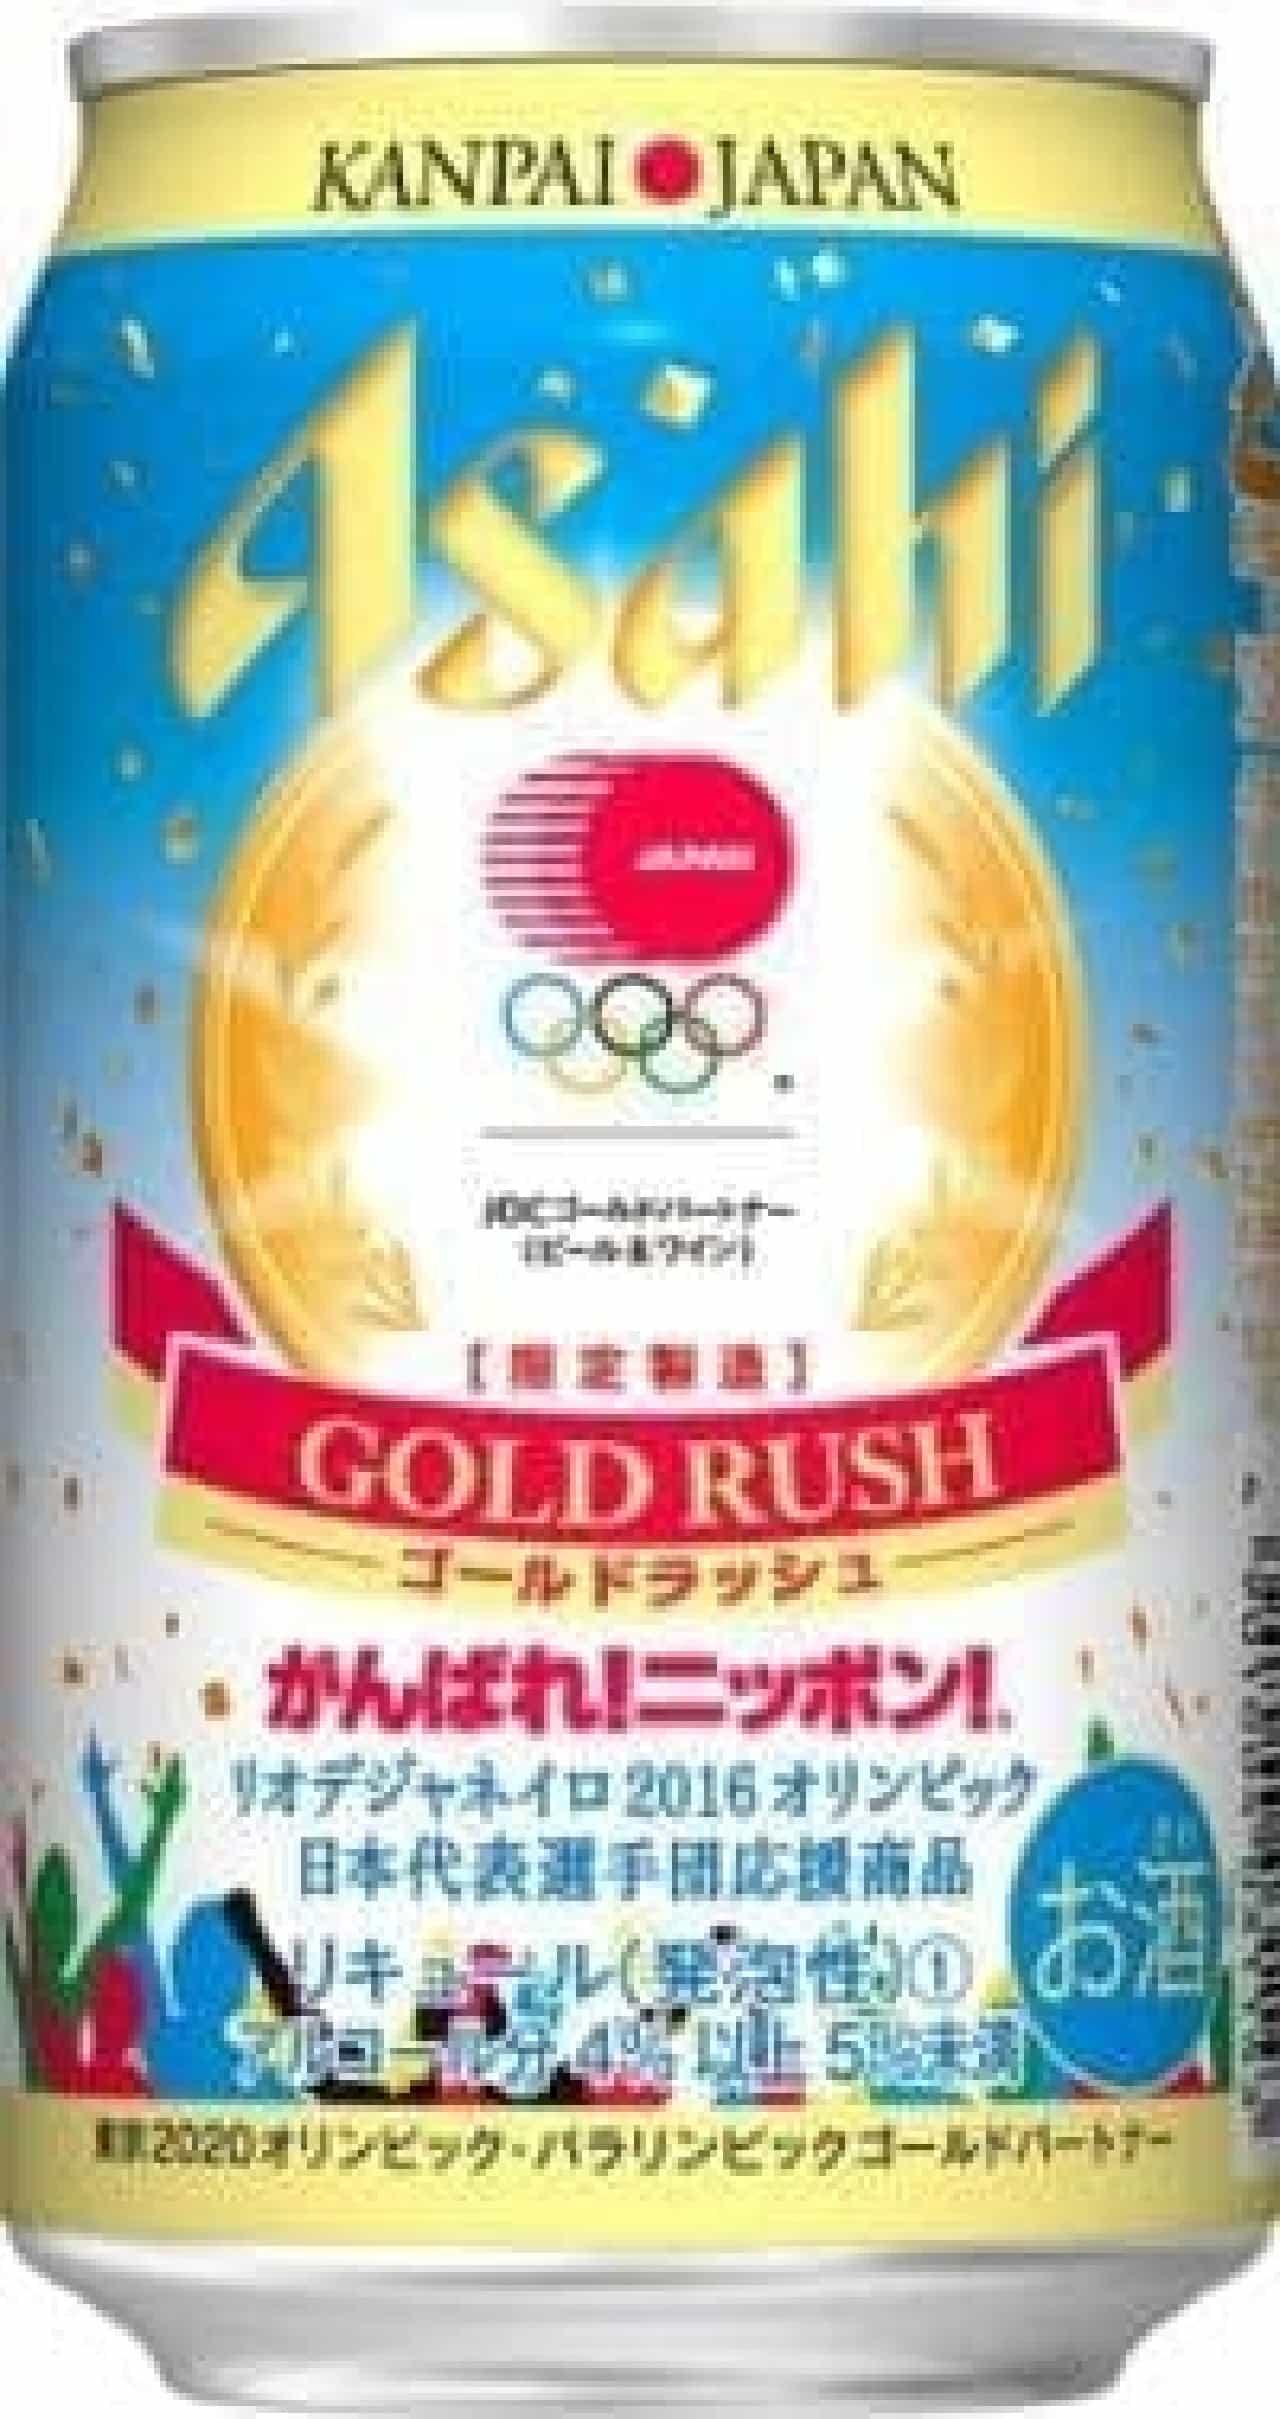 リオデジャネイロ2016オリンピック応援商品アサヒ ゴールドラッシュ